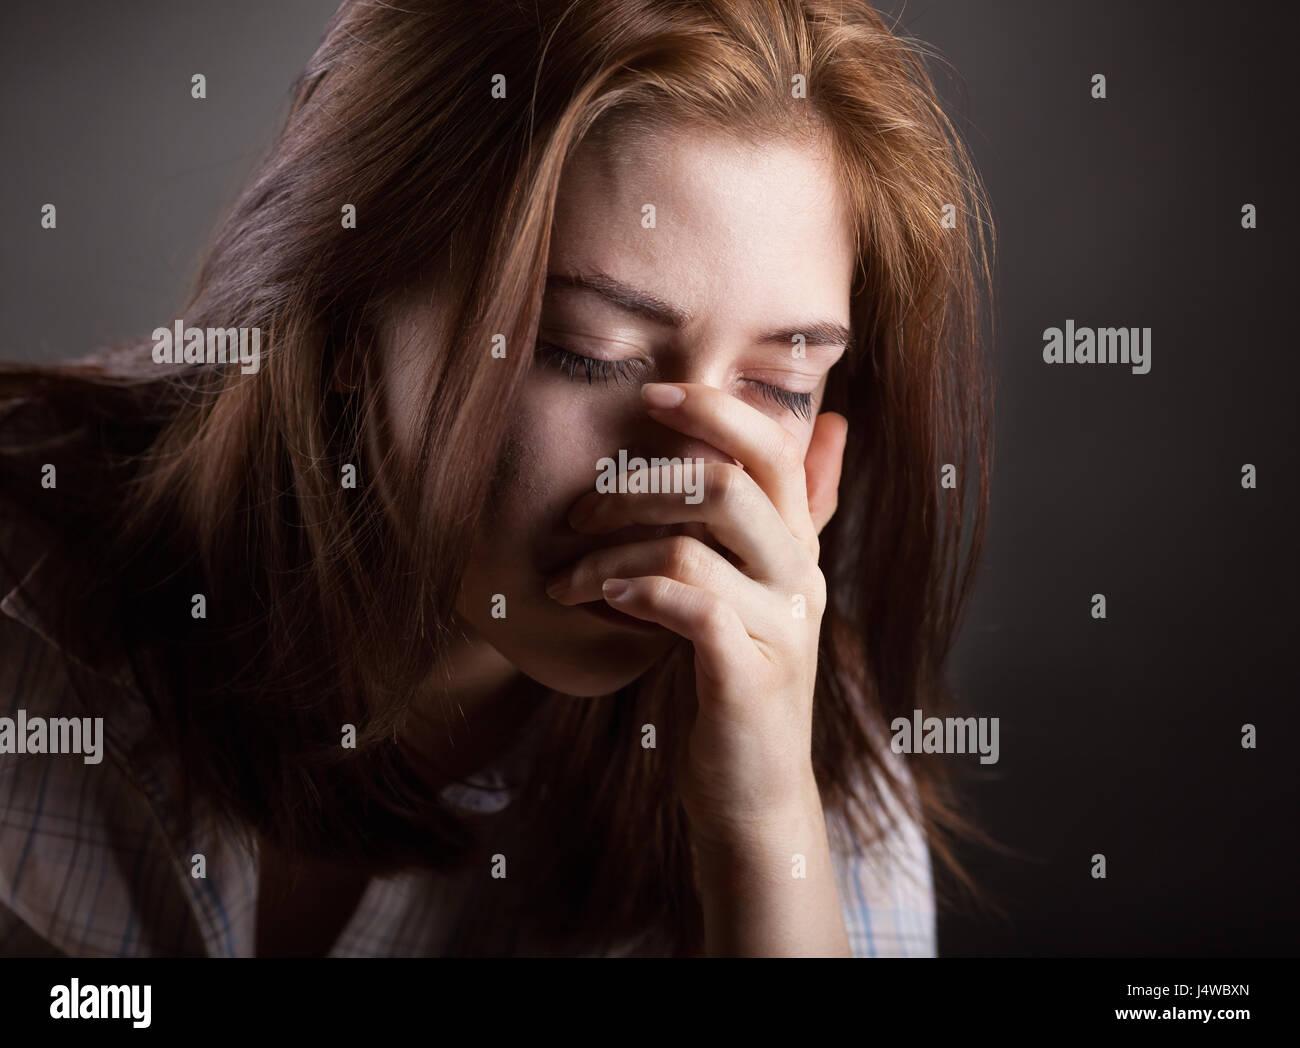 Mujer llorando sobre fondo oscuro Imagen De Stock